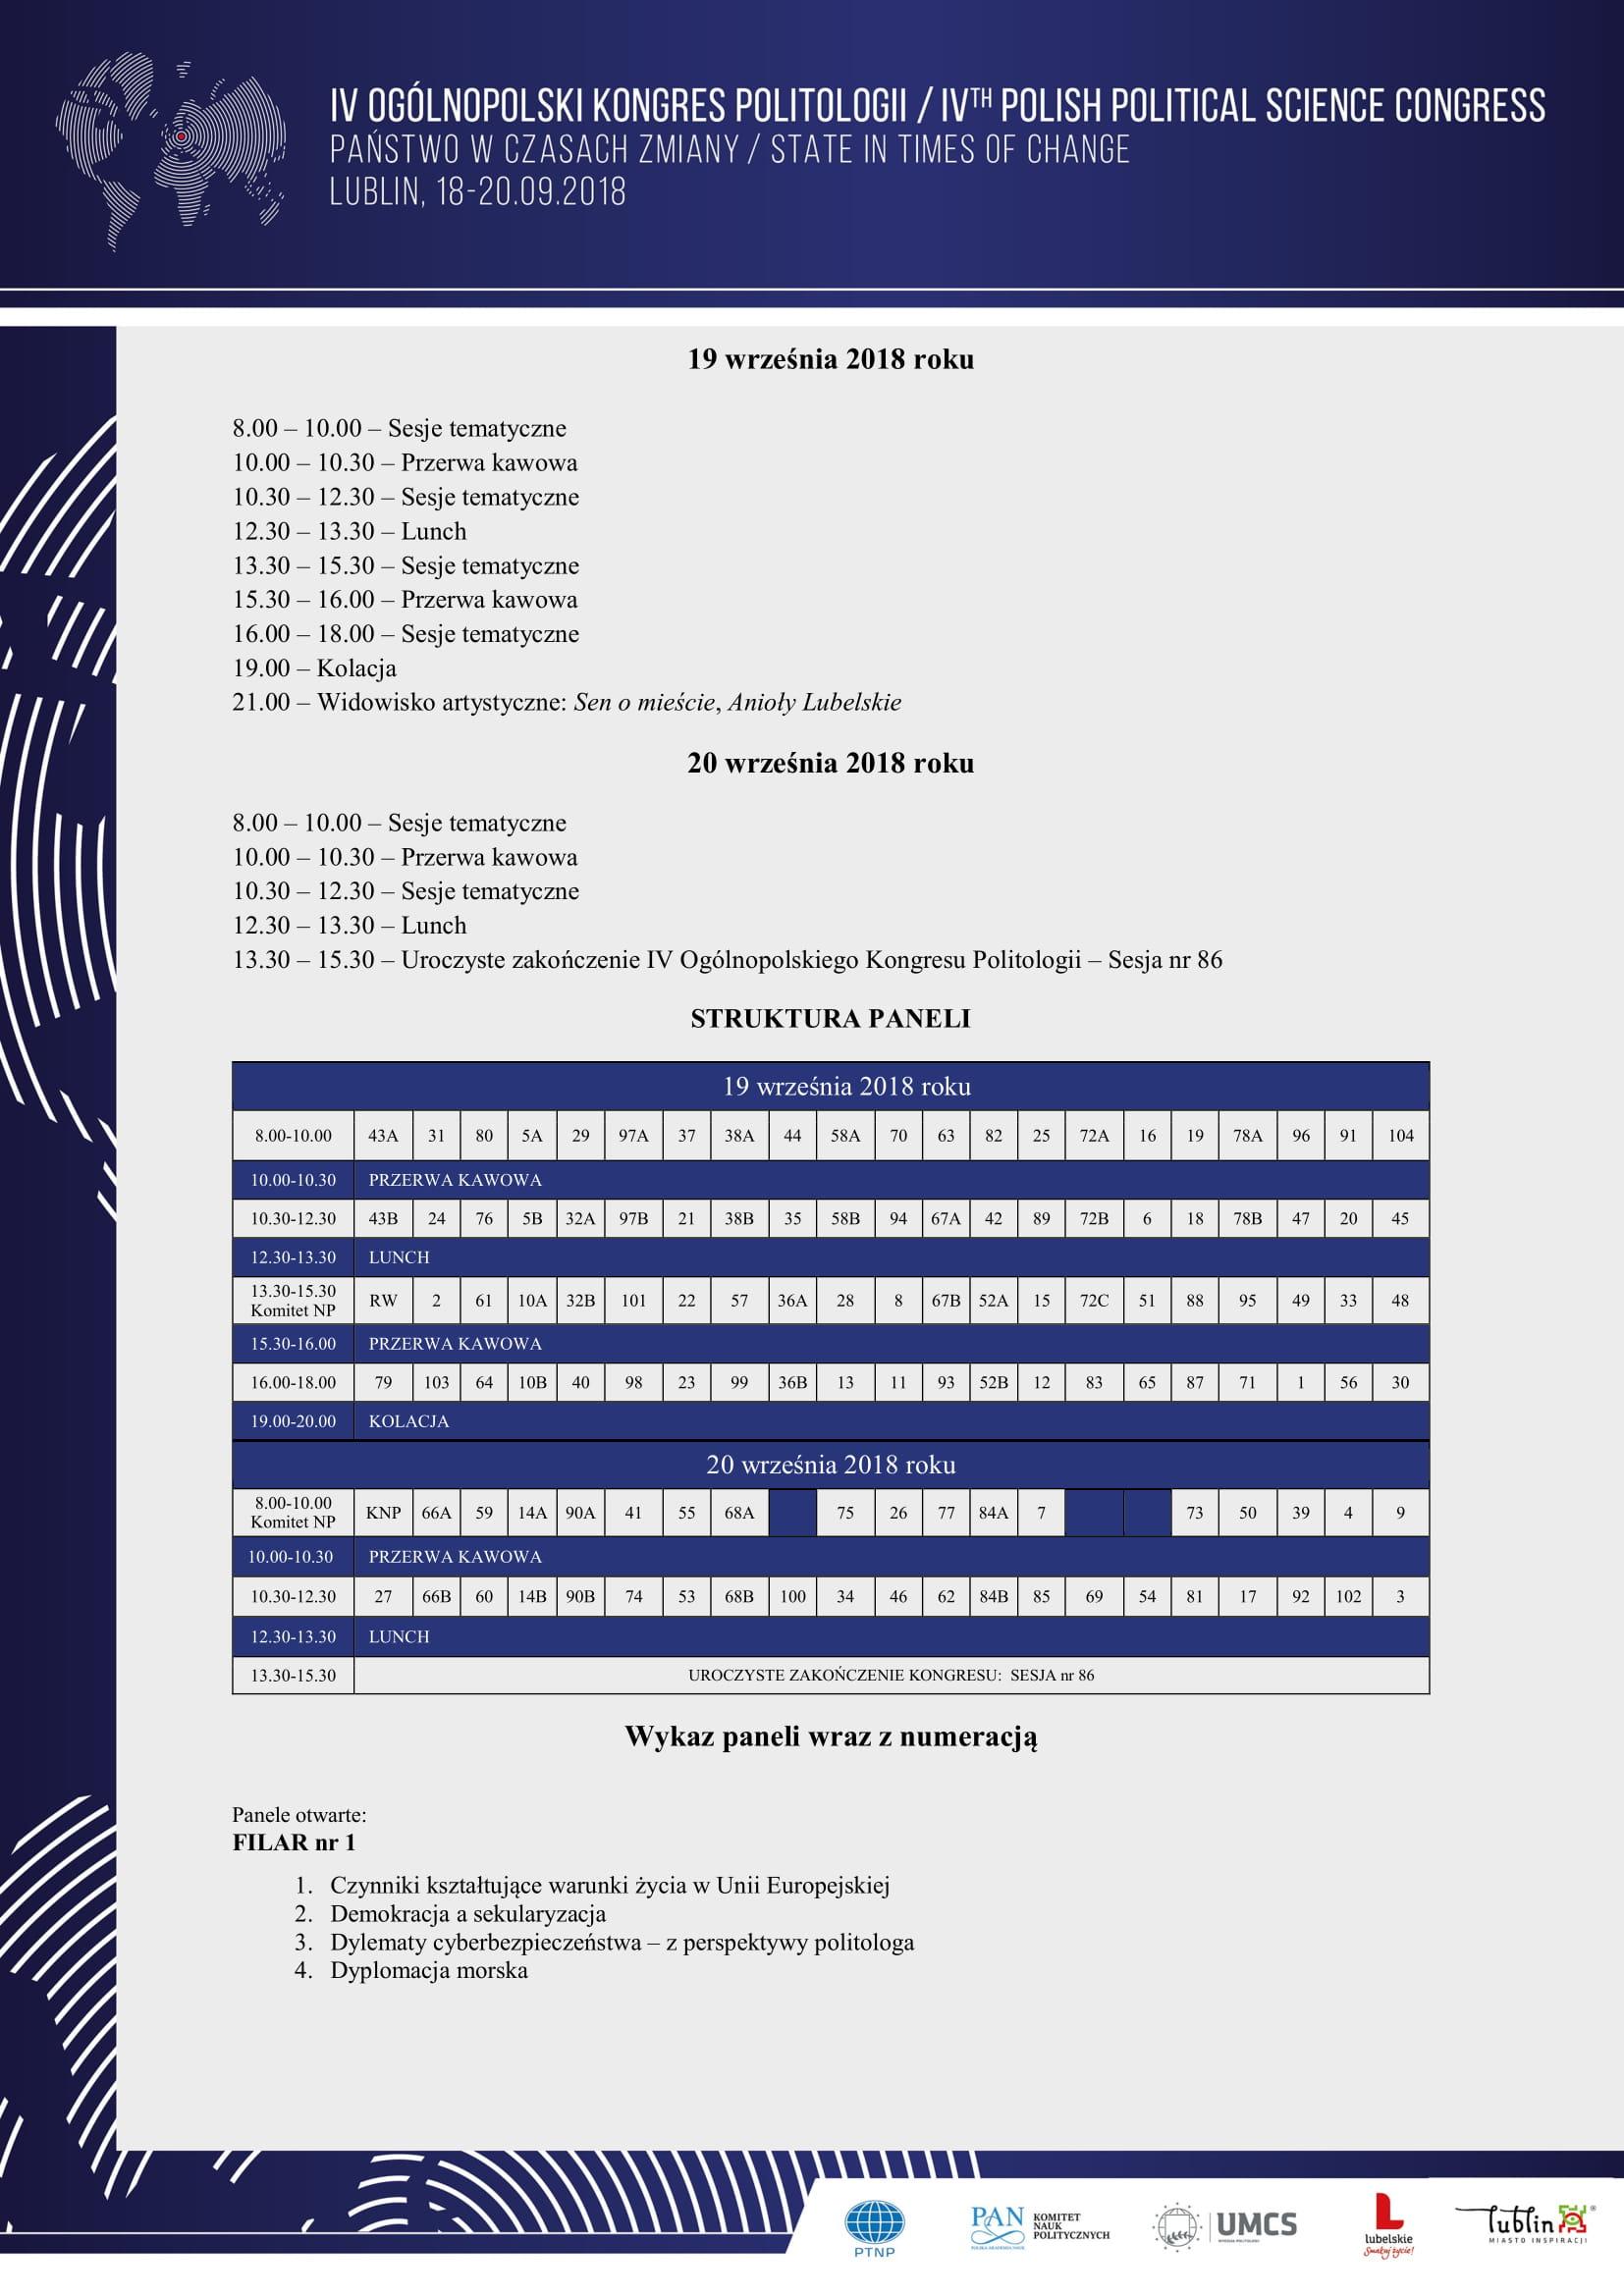 Program ramowy IV Ogólnopolskiego Kongresu Politologii - Państwo w  czasach zmiany-2.jpg